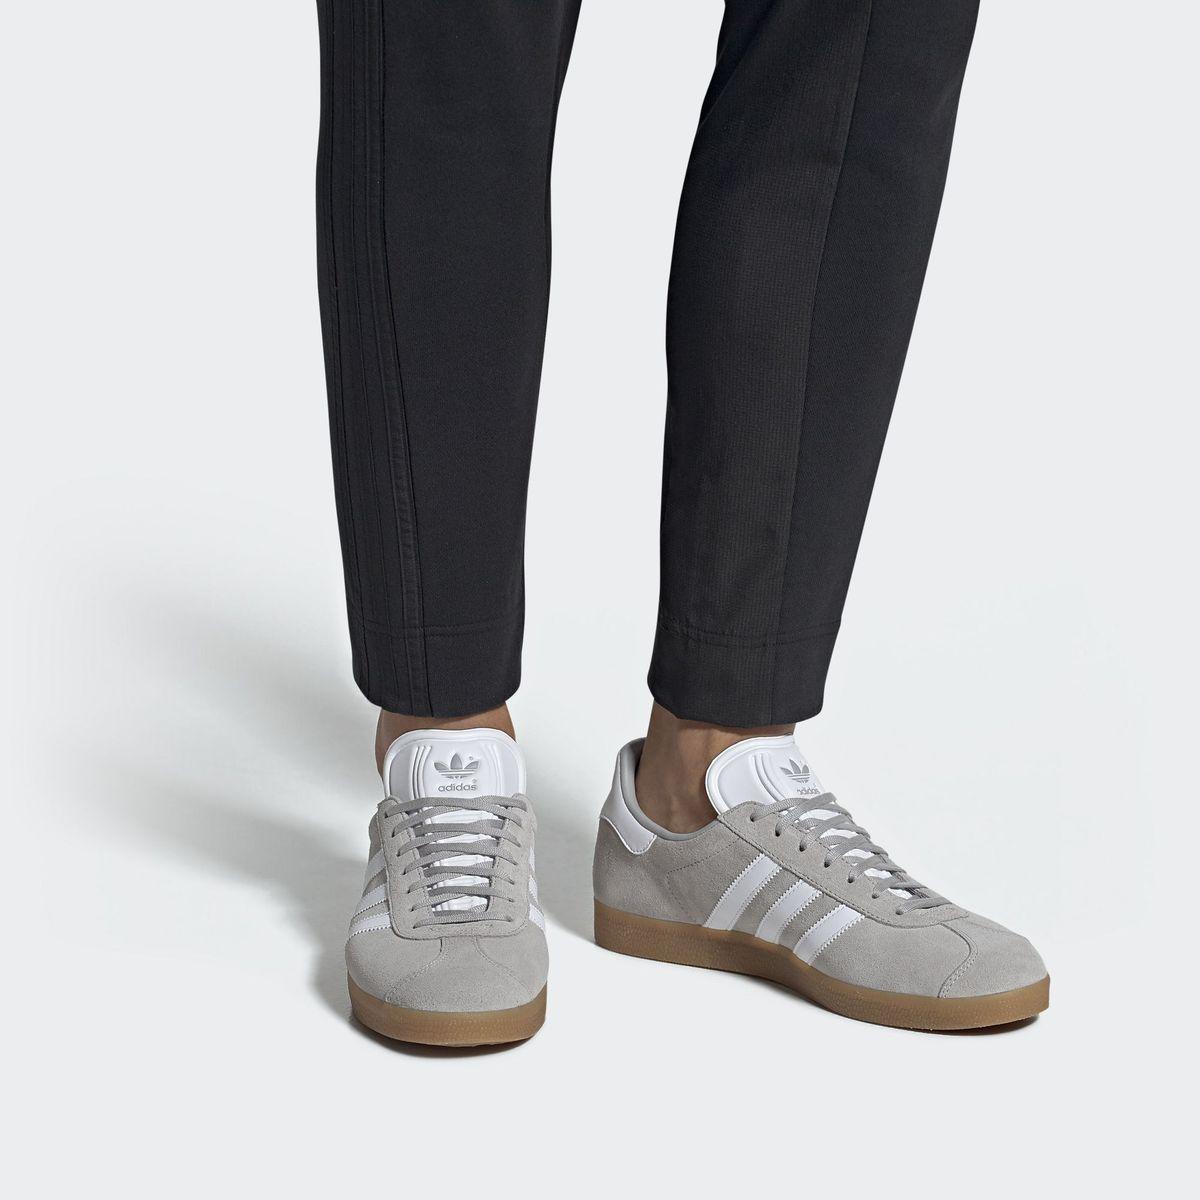 adidas femme gazelle 41